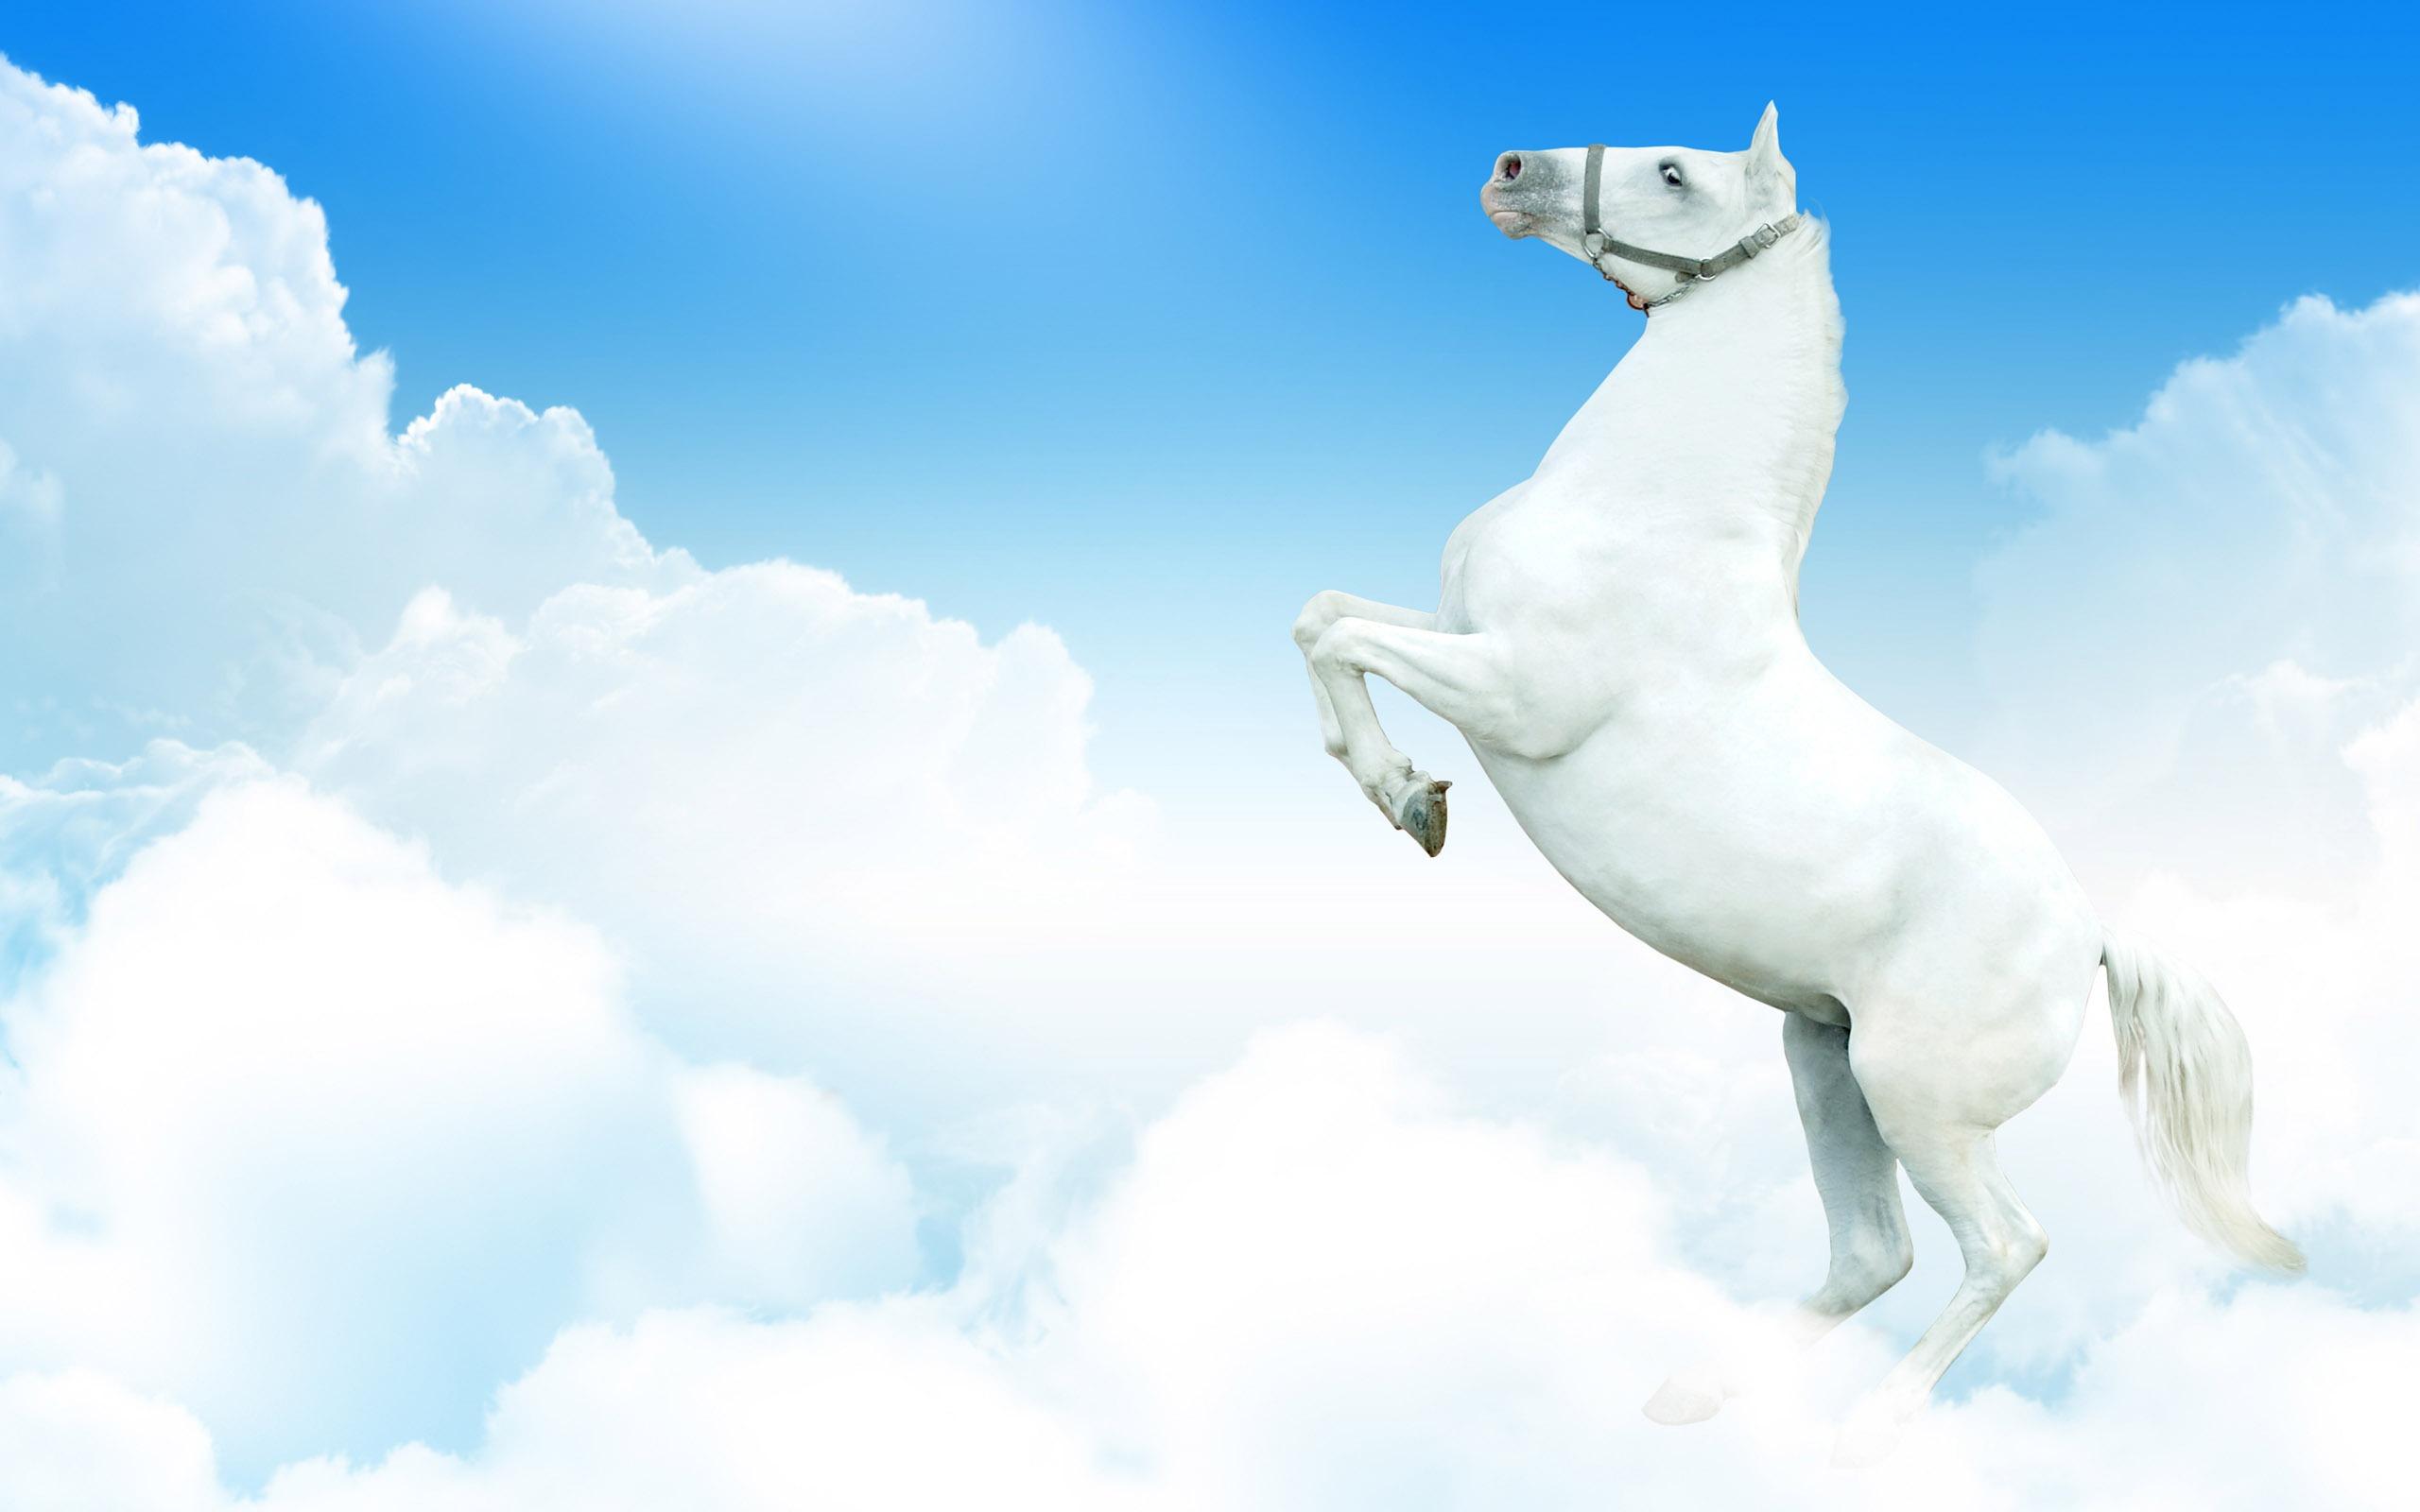 Super Horse Photo Wallpaper 2 7 2560x1600 Wallpaper Download